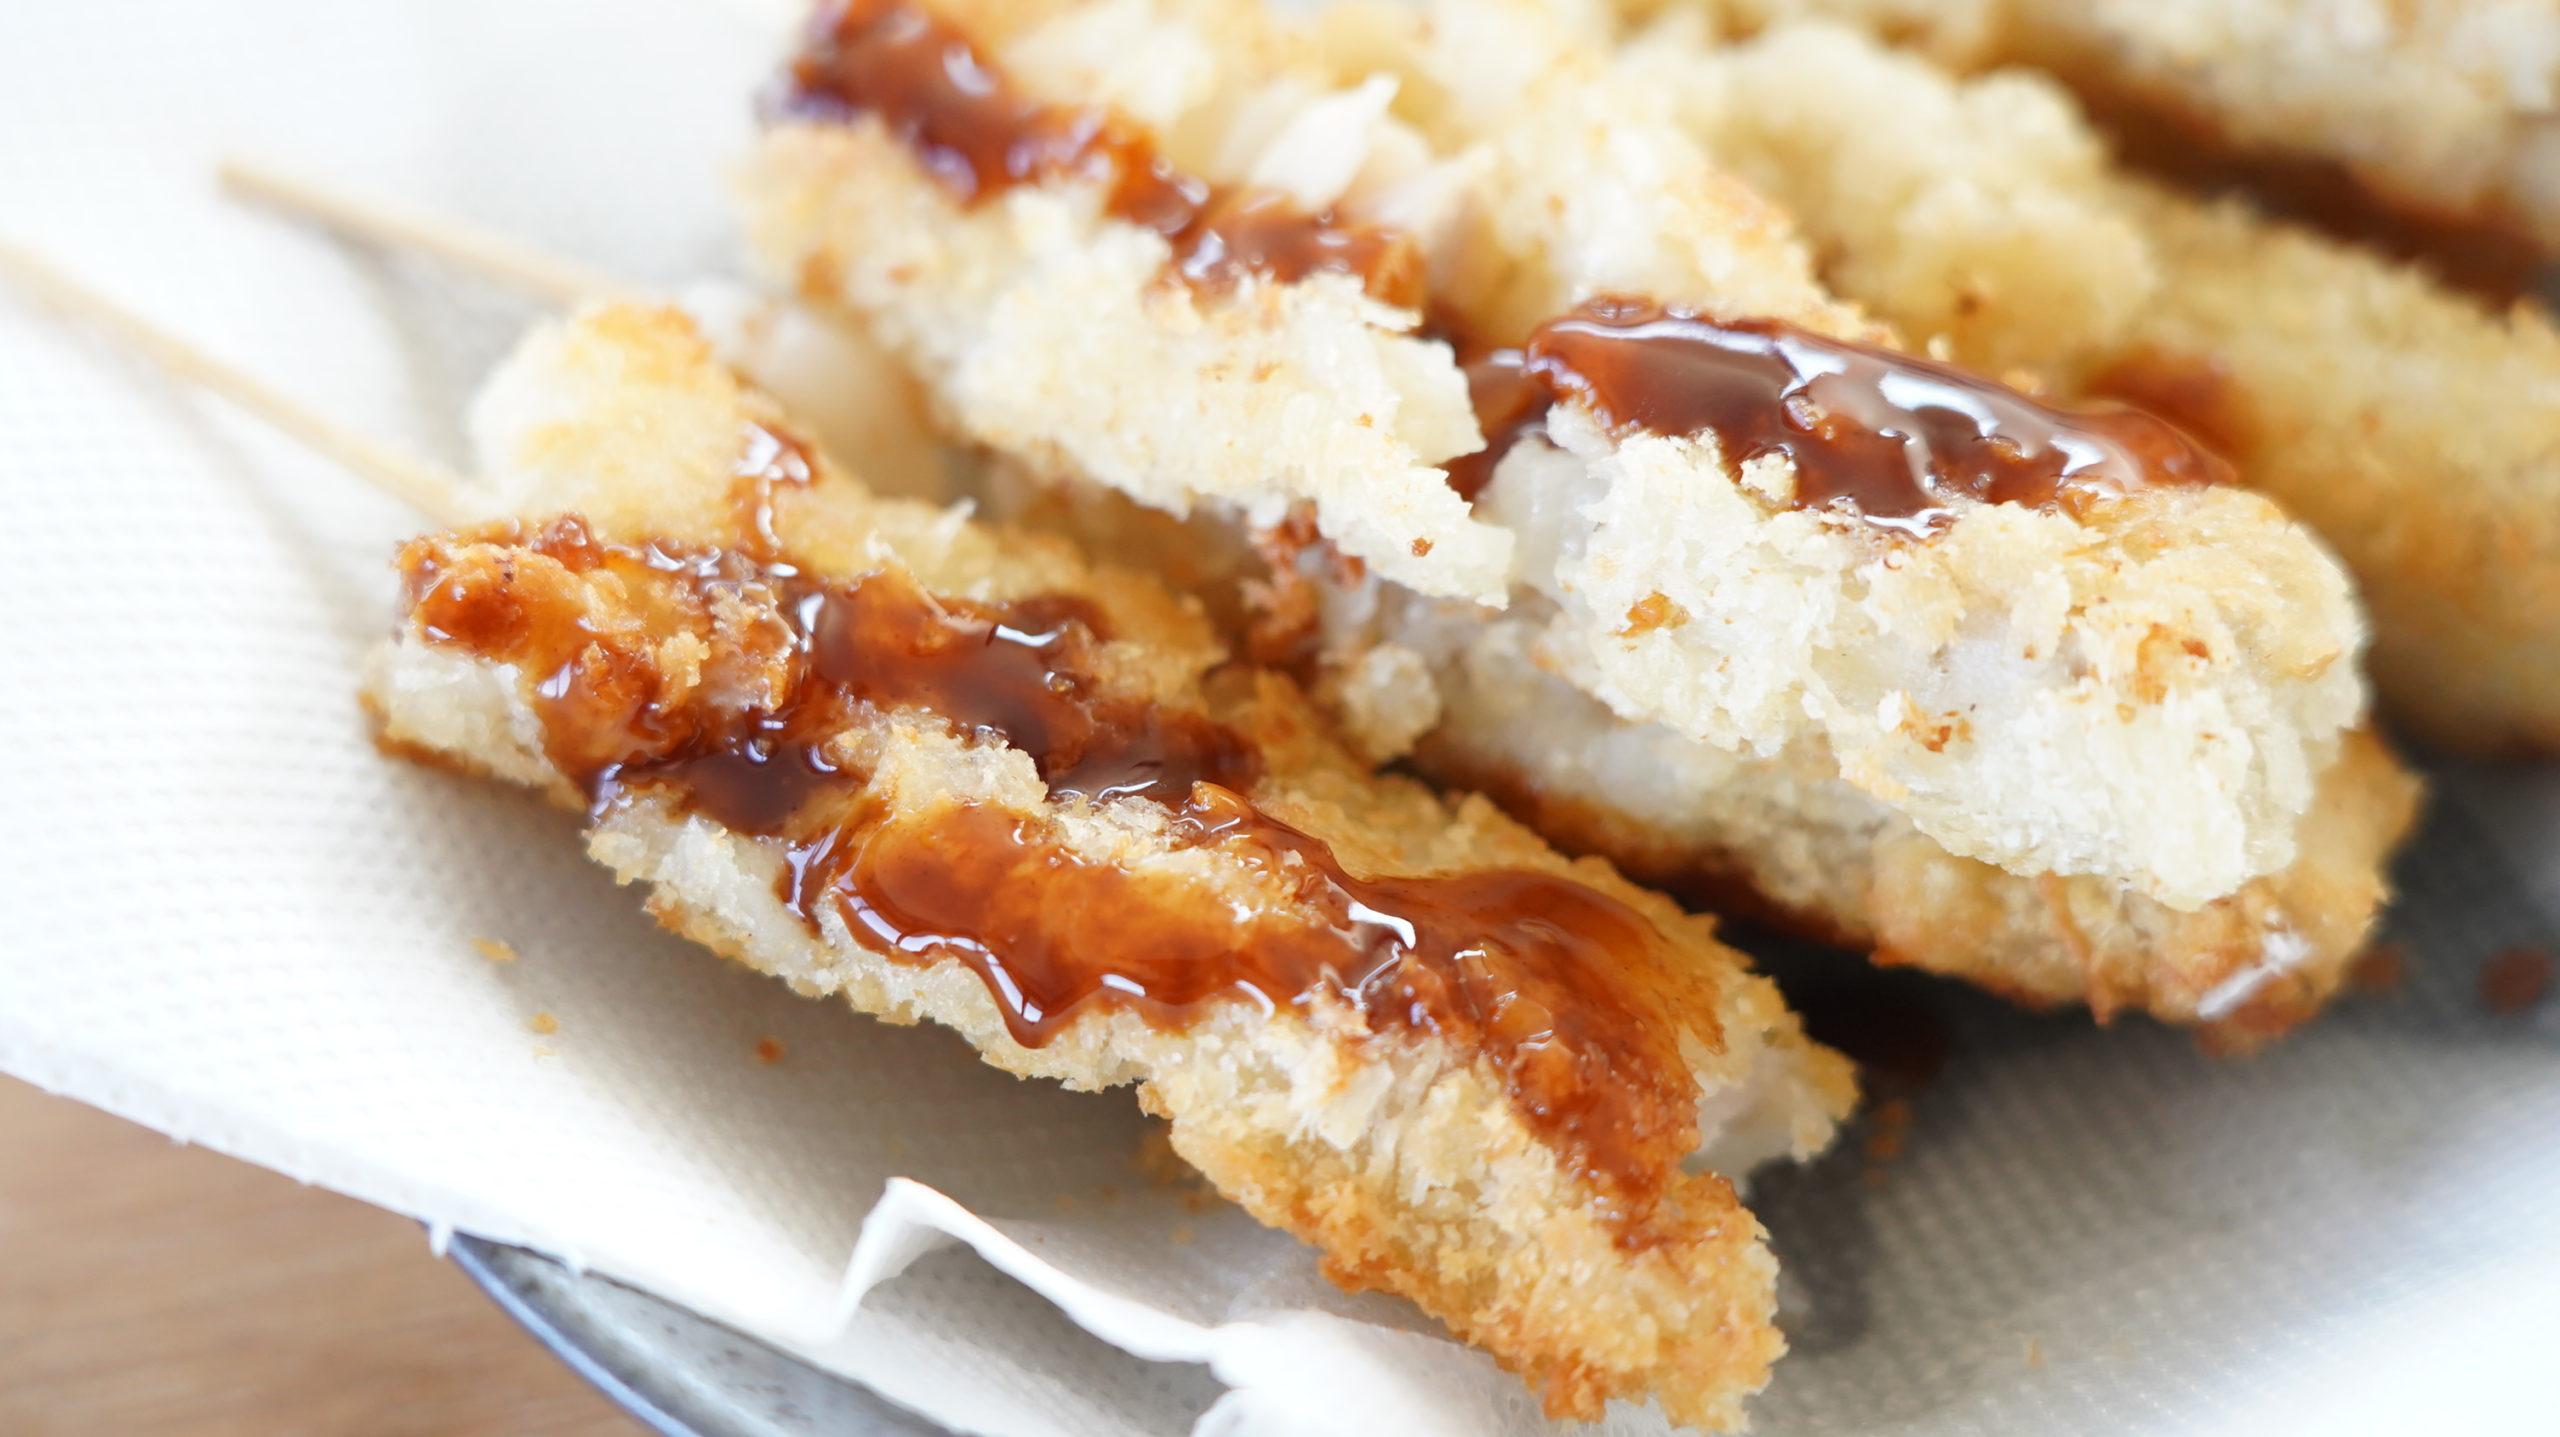 業務スーパーの冷凍食品「豚たまねぎ串カツ」にソースをかけた写真